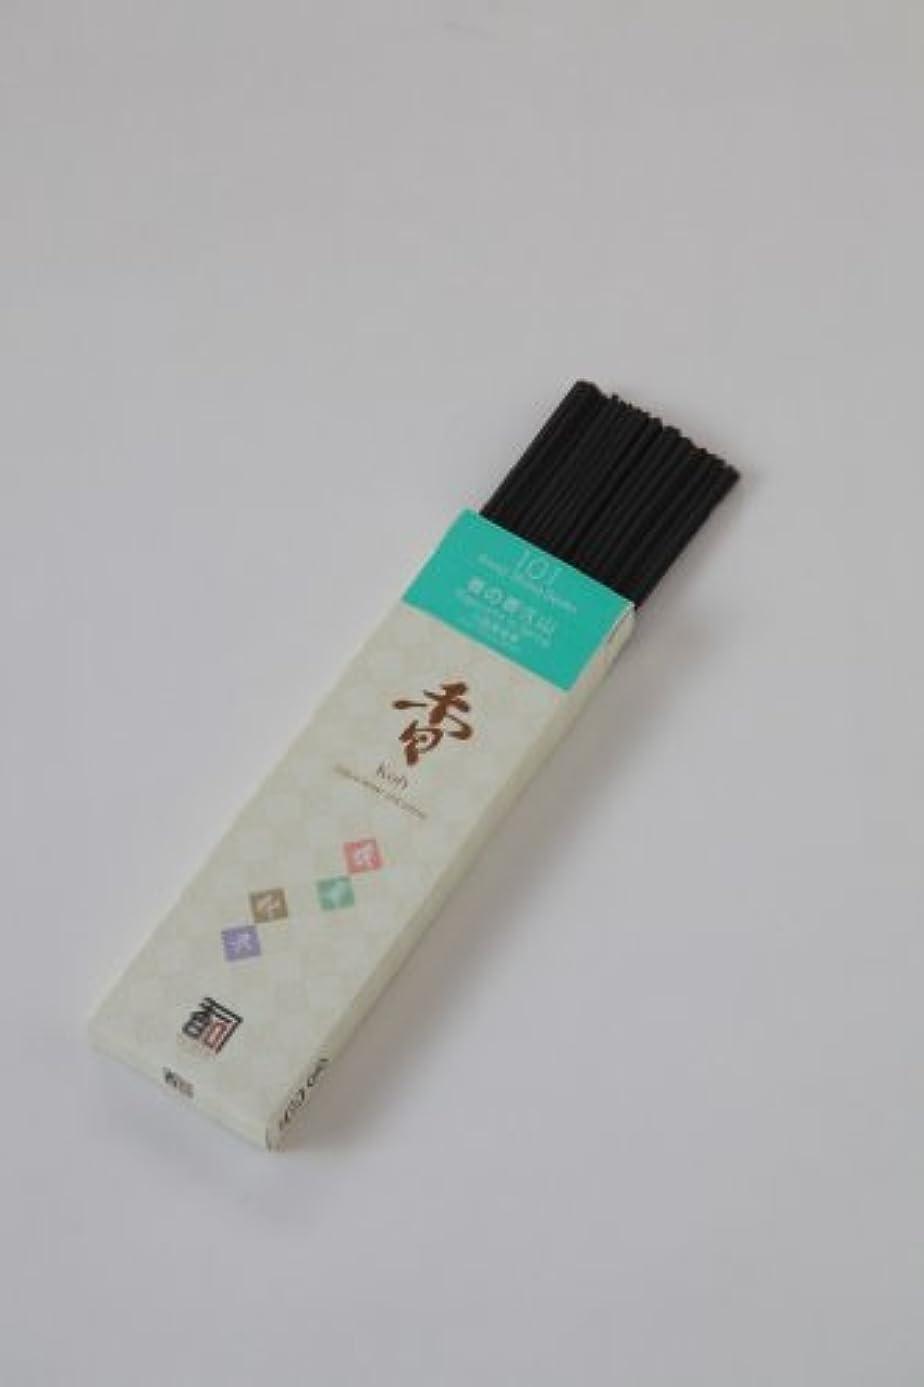 「あわじ島の香司」 日本の香りシリーズ (春夏秋冬) 【101】  ◆春の香久山◆